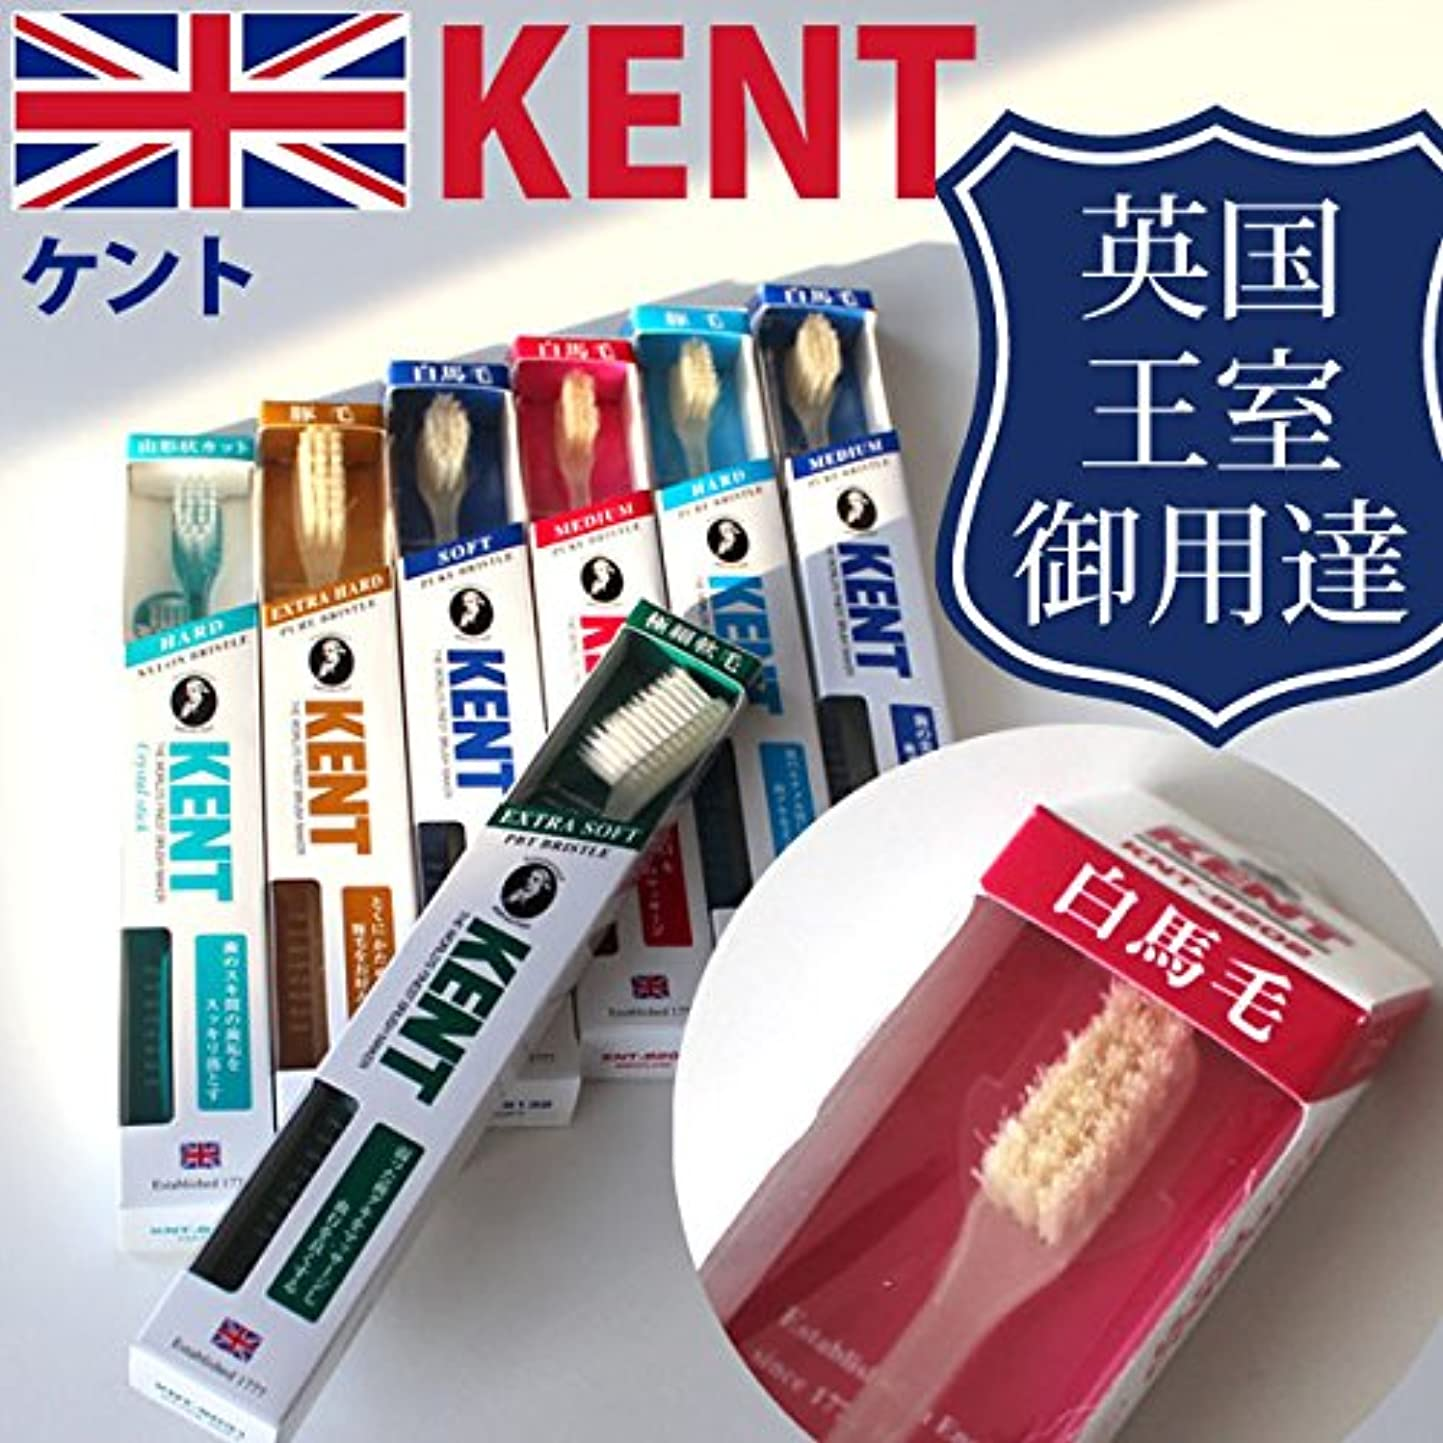 必須捧げる不明瞭ケント KENT 白馬毛 超コンパクト歯ブラシ KNT-9102/9202 6本入り 他のコンパクトヘッドに比べて歯 やわらかめ